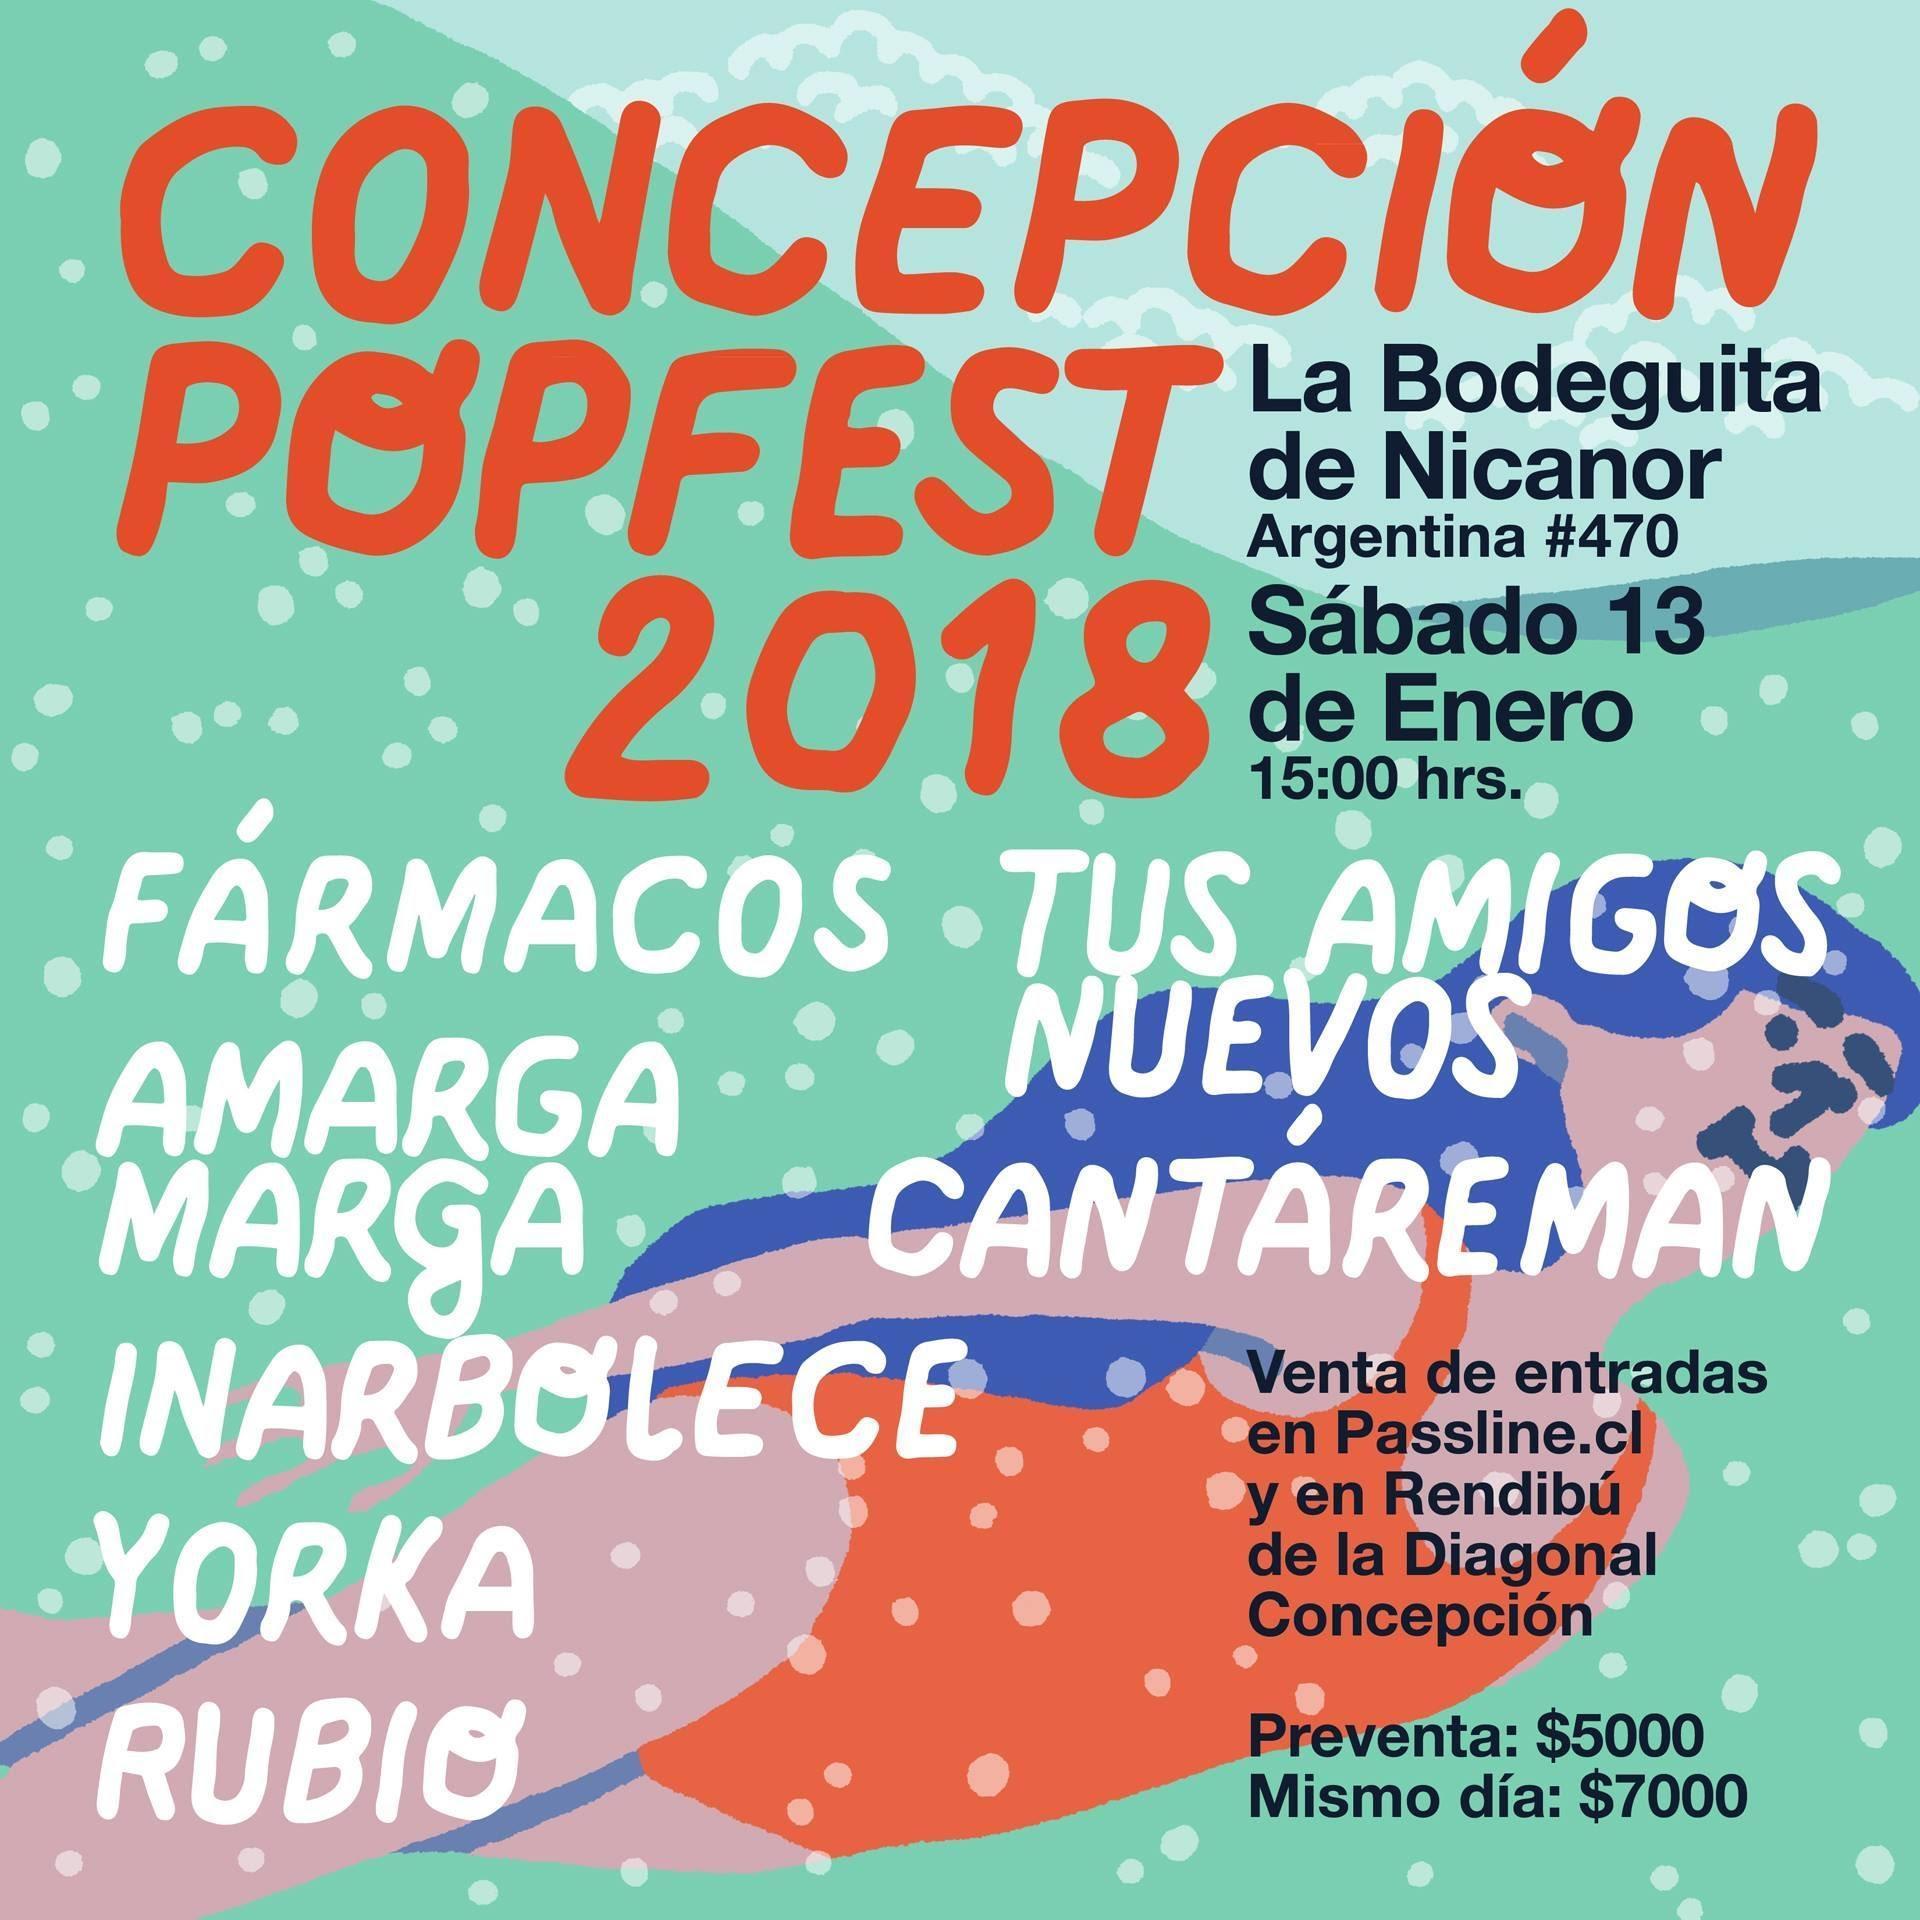 conce_popfest2018